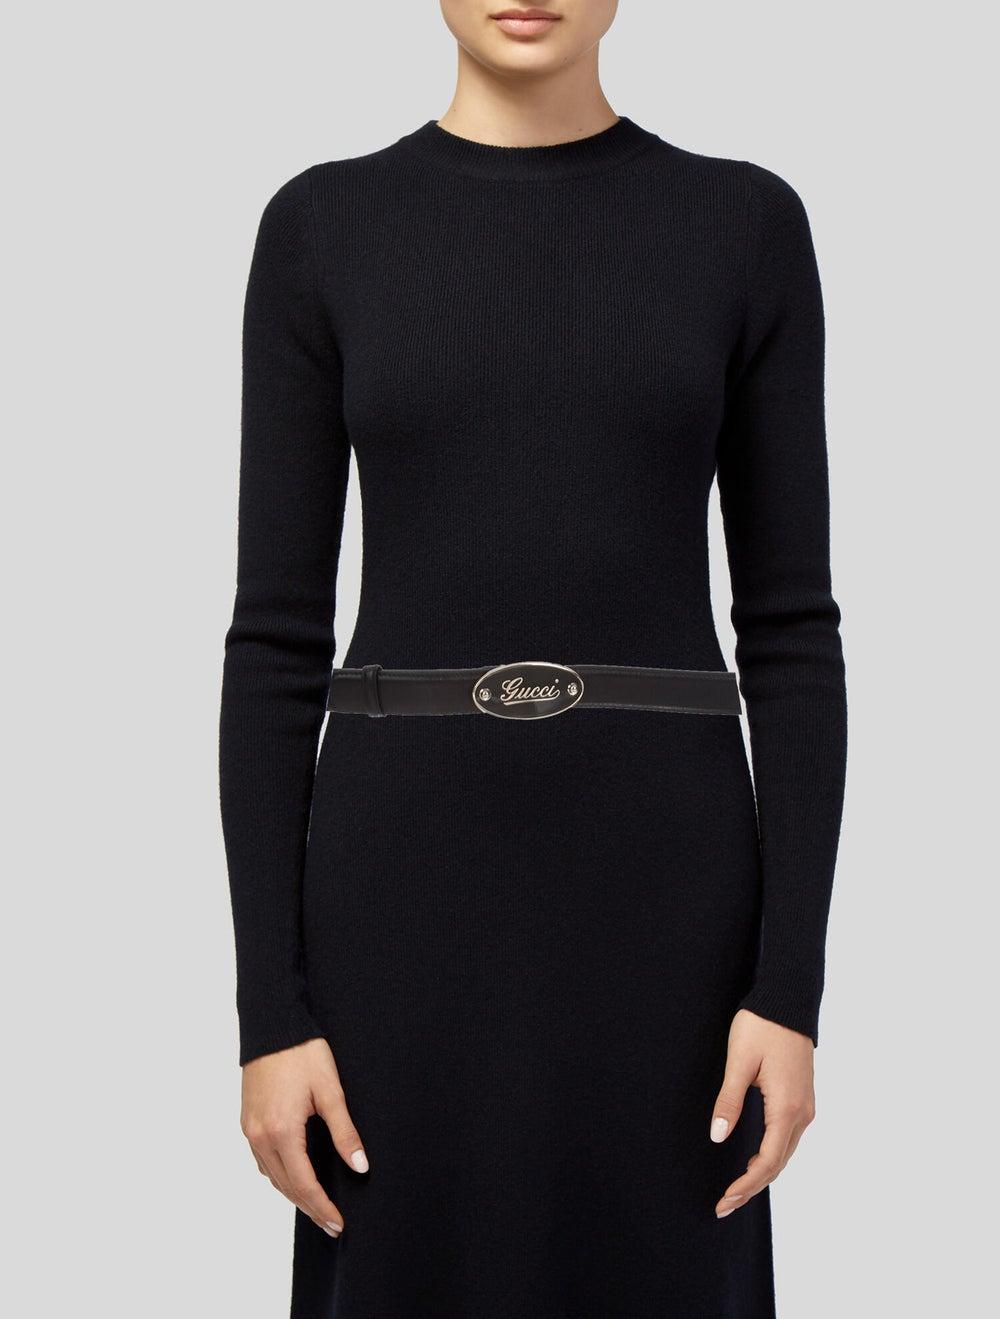 Gucci Logo Leather Belt Black - image 2